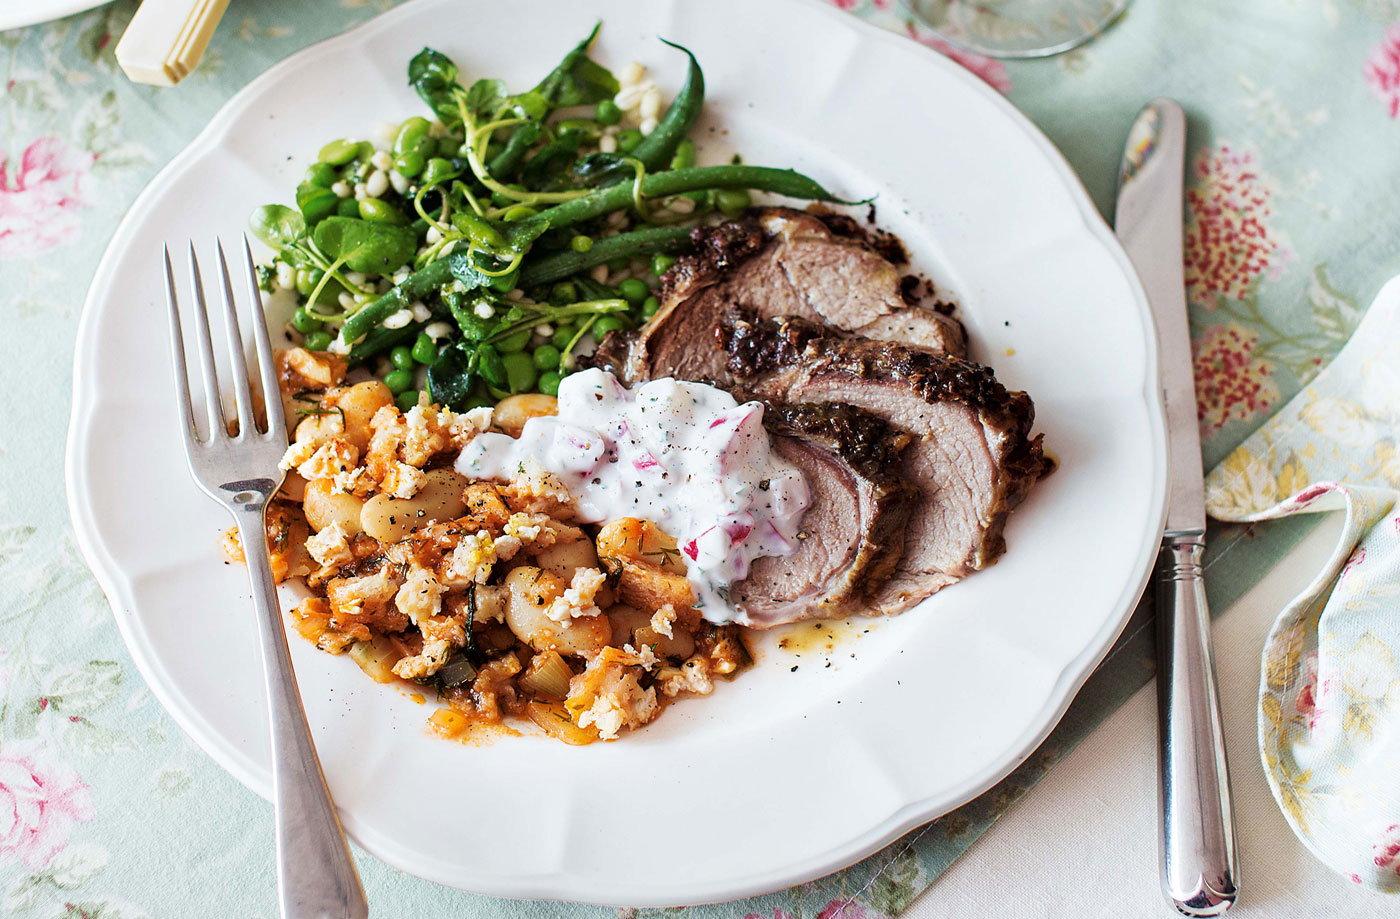 Slow-roasted Greek-style lamb with radish and mint tzatziki | Tesco ...